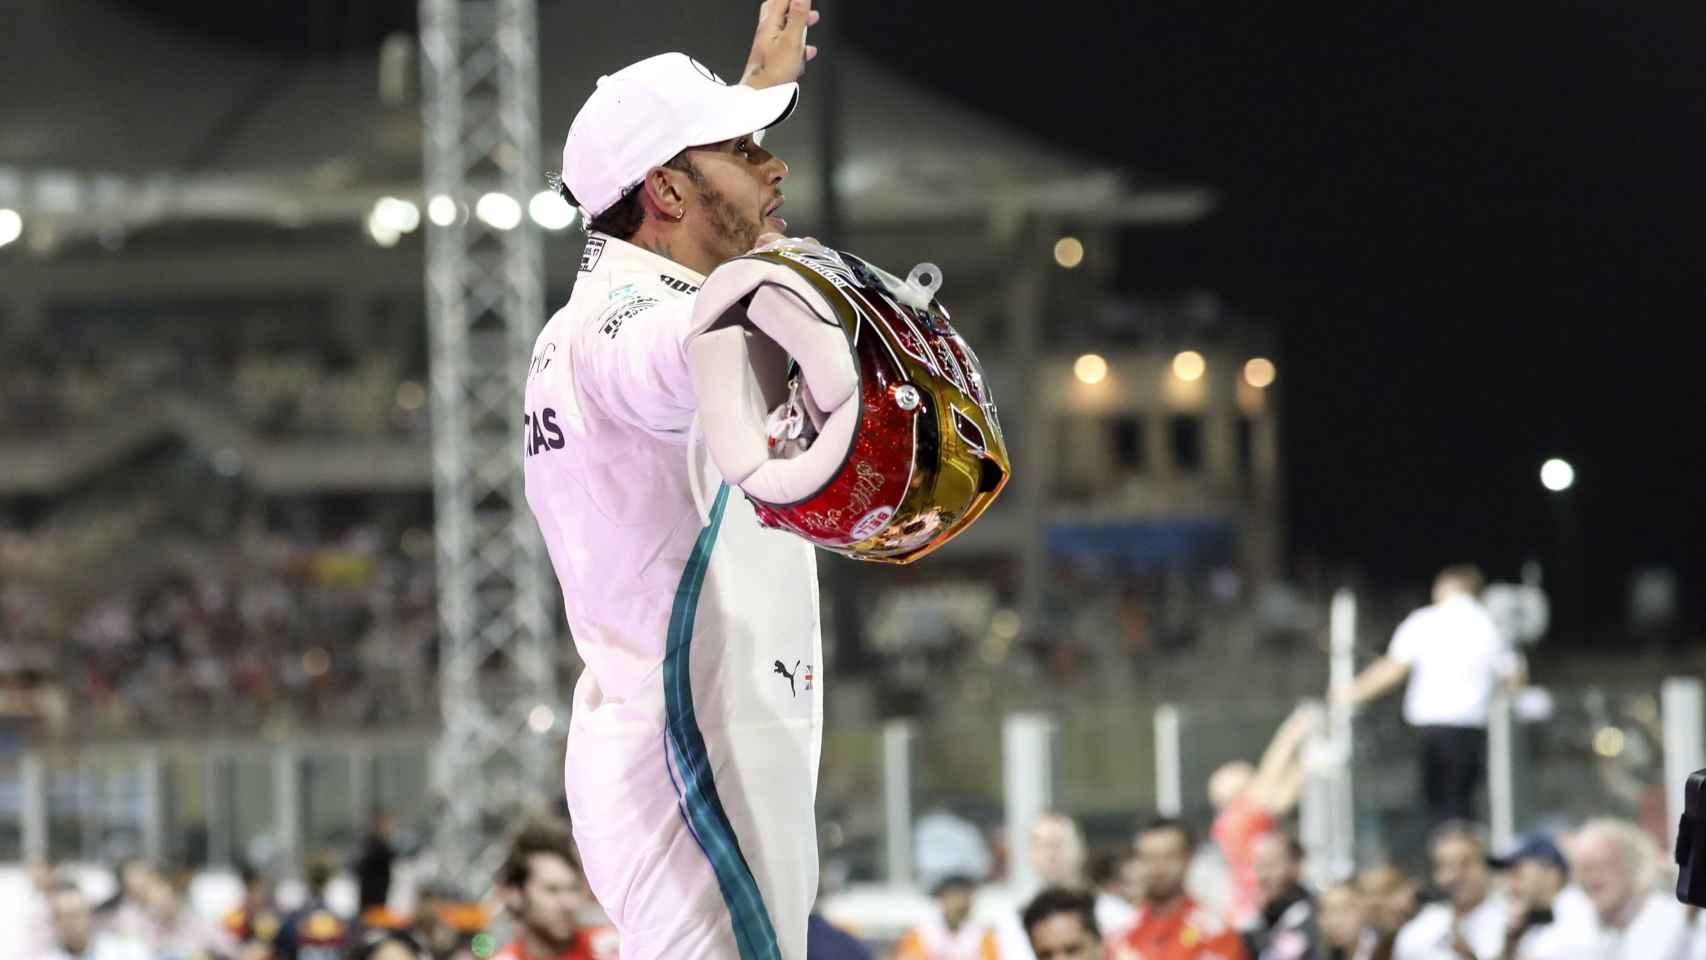 Gran Premio de Abu Dhabi de Fórmula 1